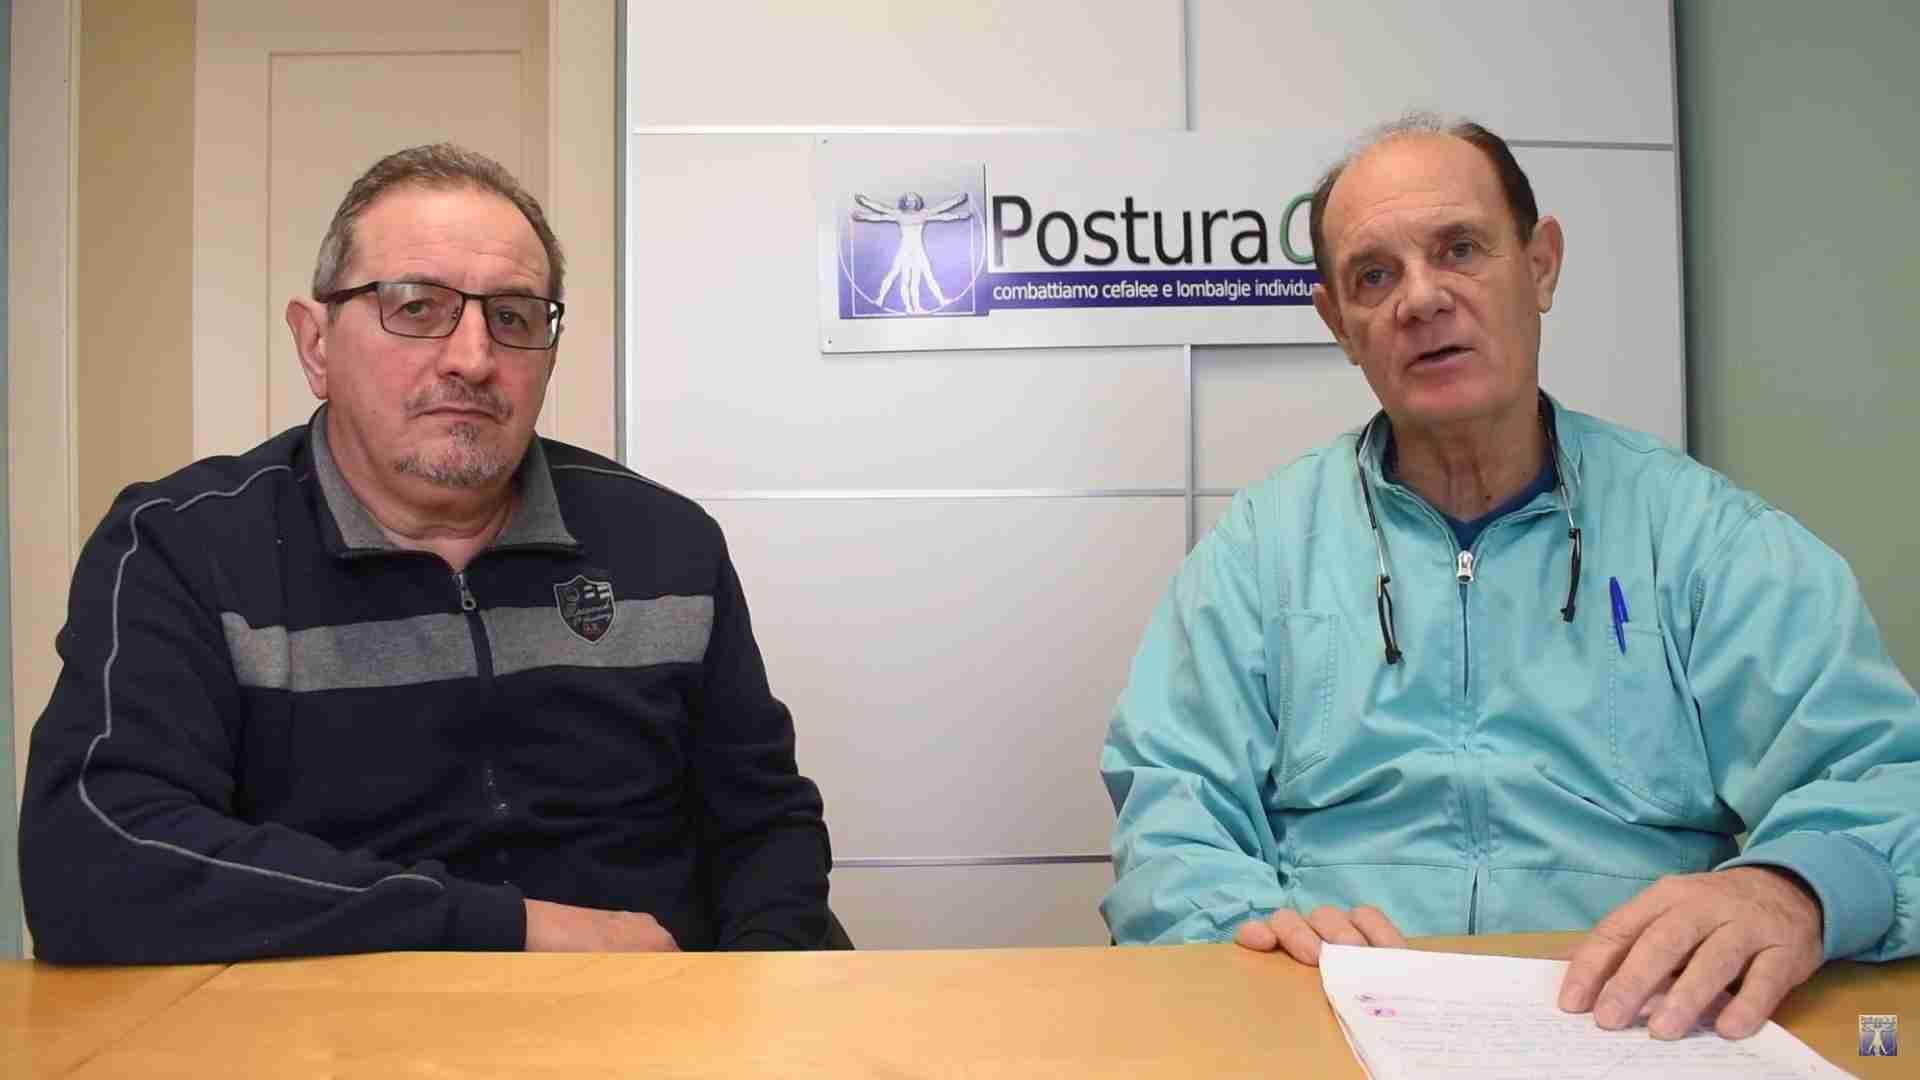 Testimonianza di Roberto Manfredi guarito da dolori al collo cronici